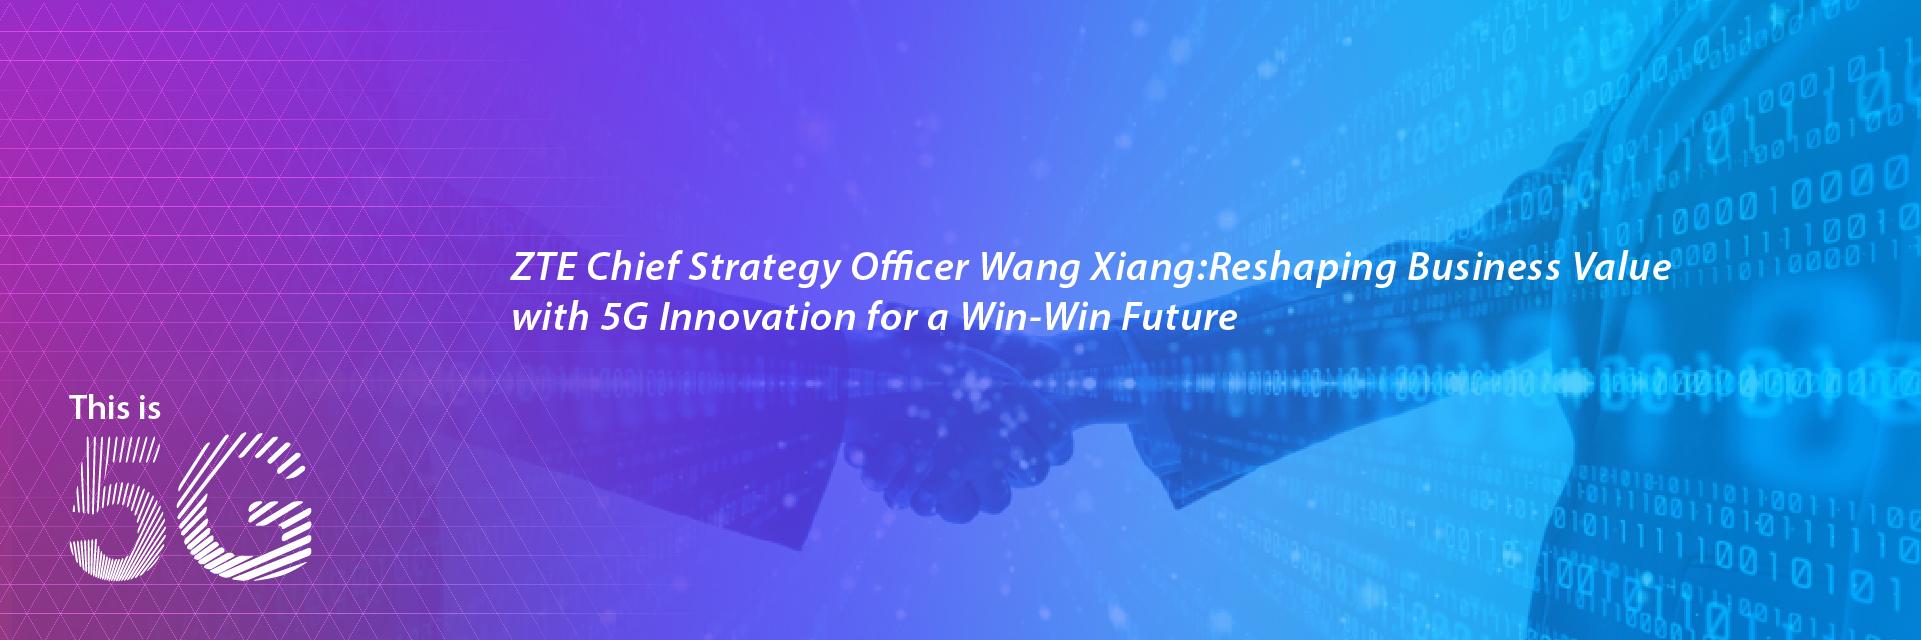 美高梅手机版登录485 Chief Strategy Officer Wang Xiang: Reshaping Business Value with 5G Innovation for a Win-Win Future